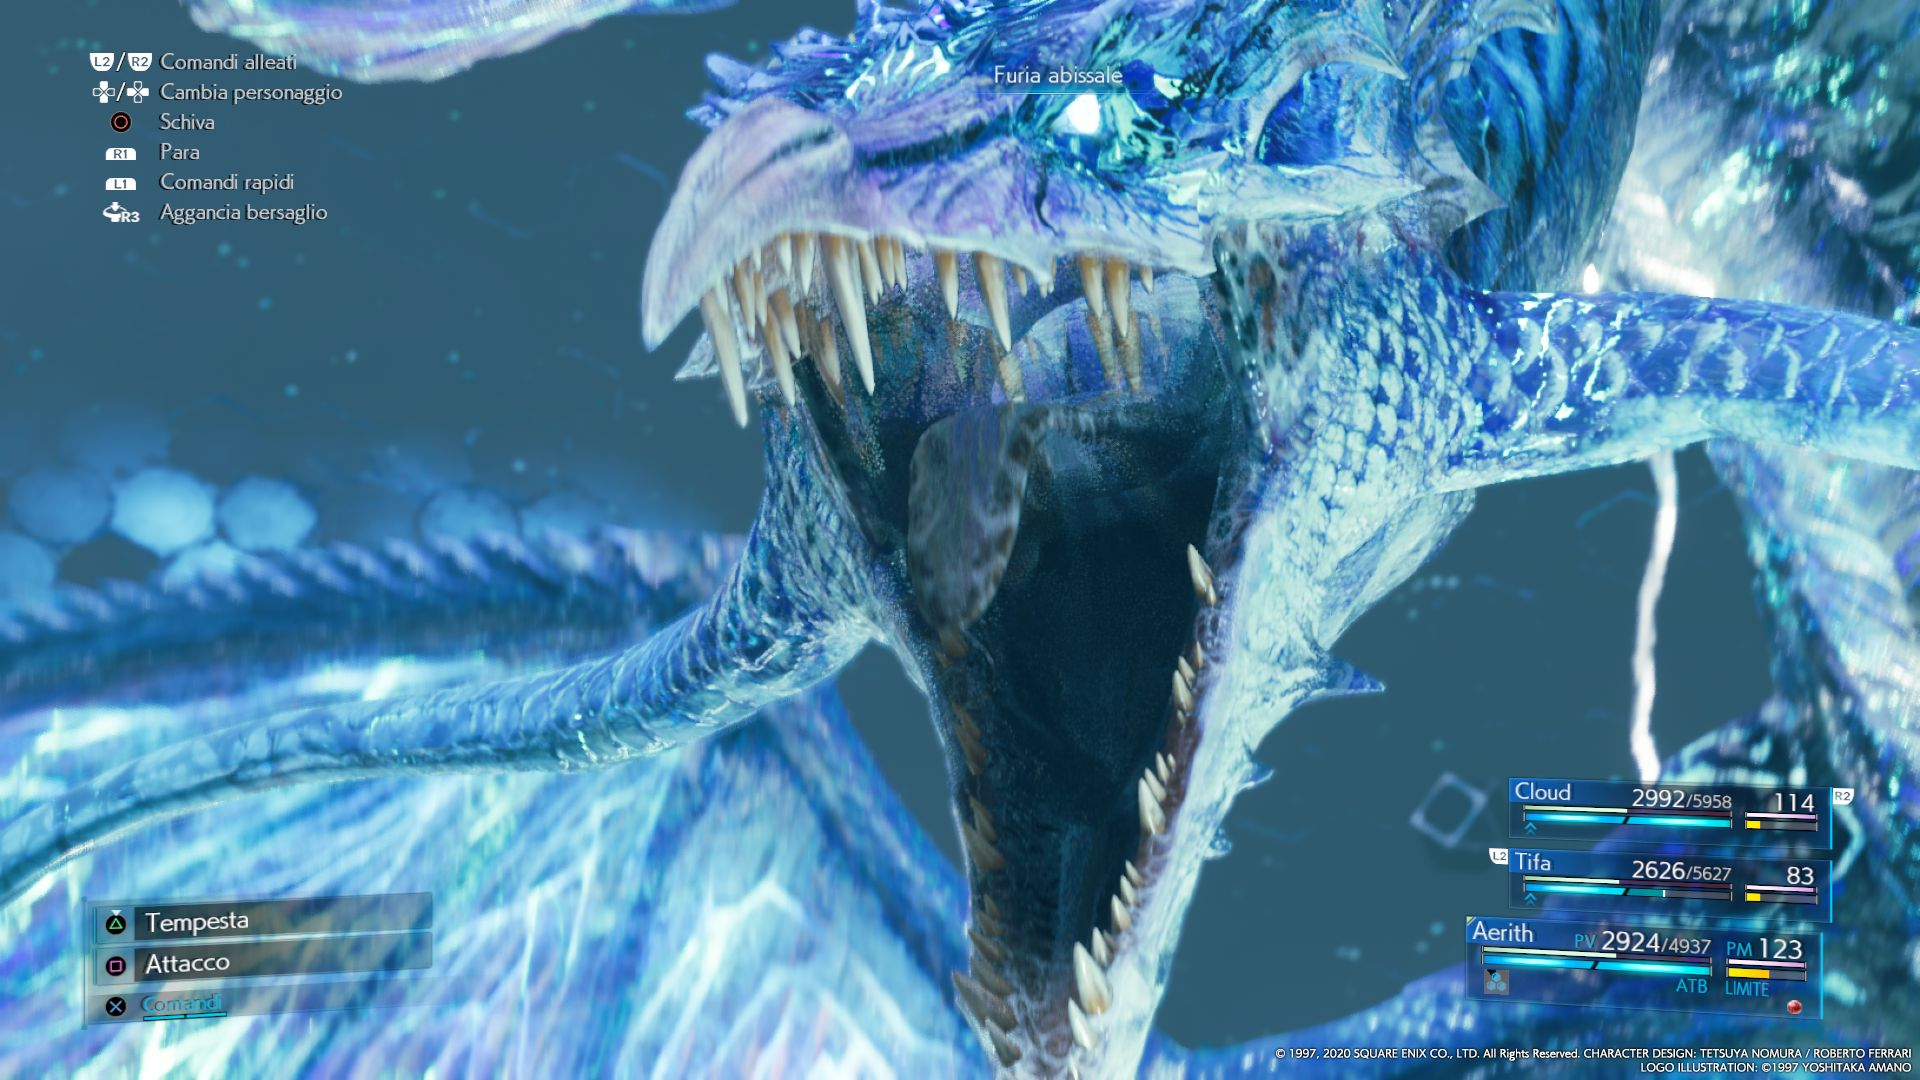 L'Esper Leviatano in FINAL FANTASY VII REMAKE